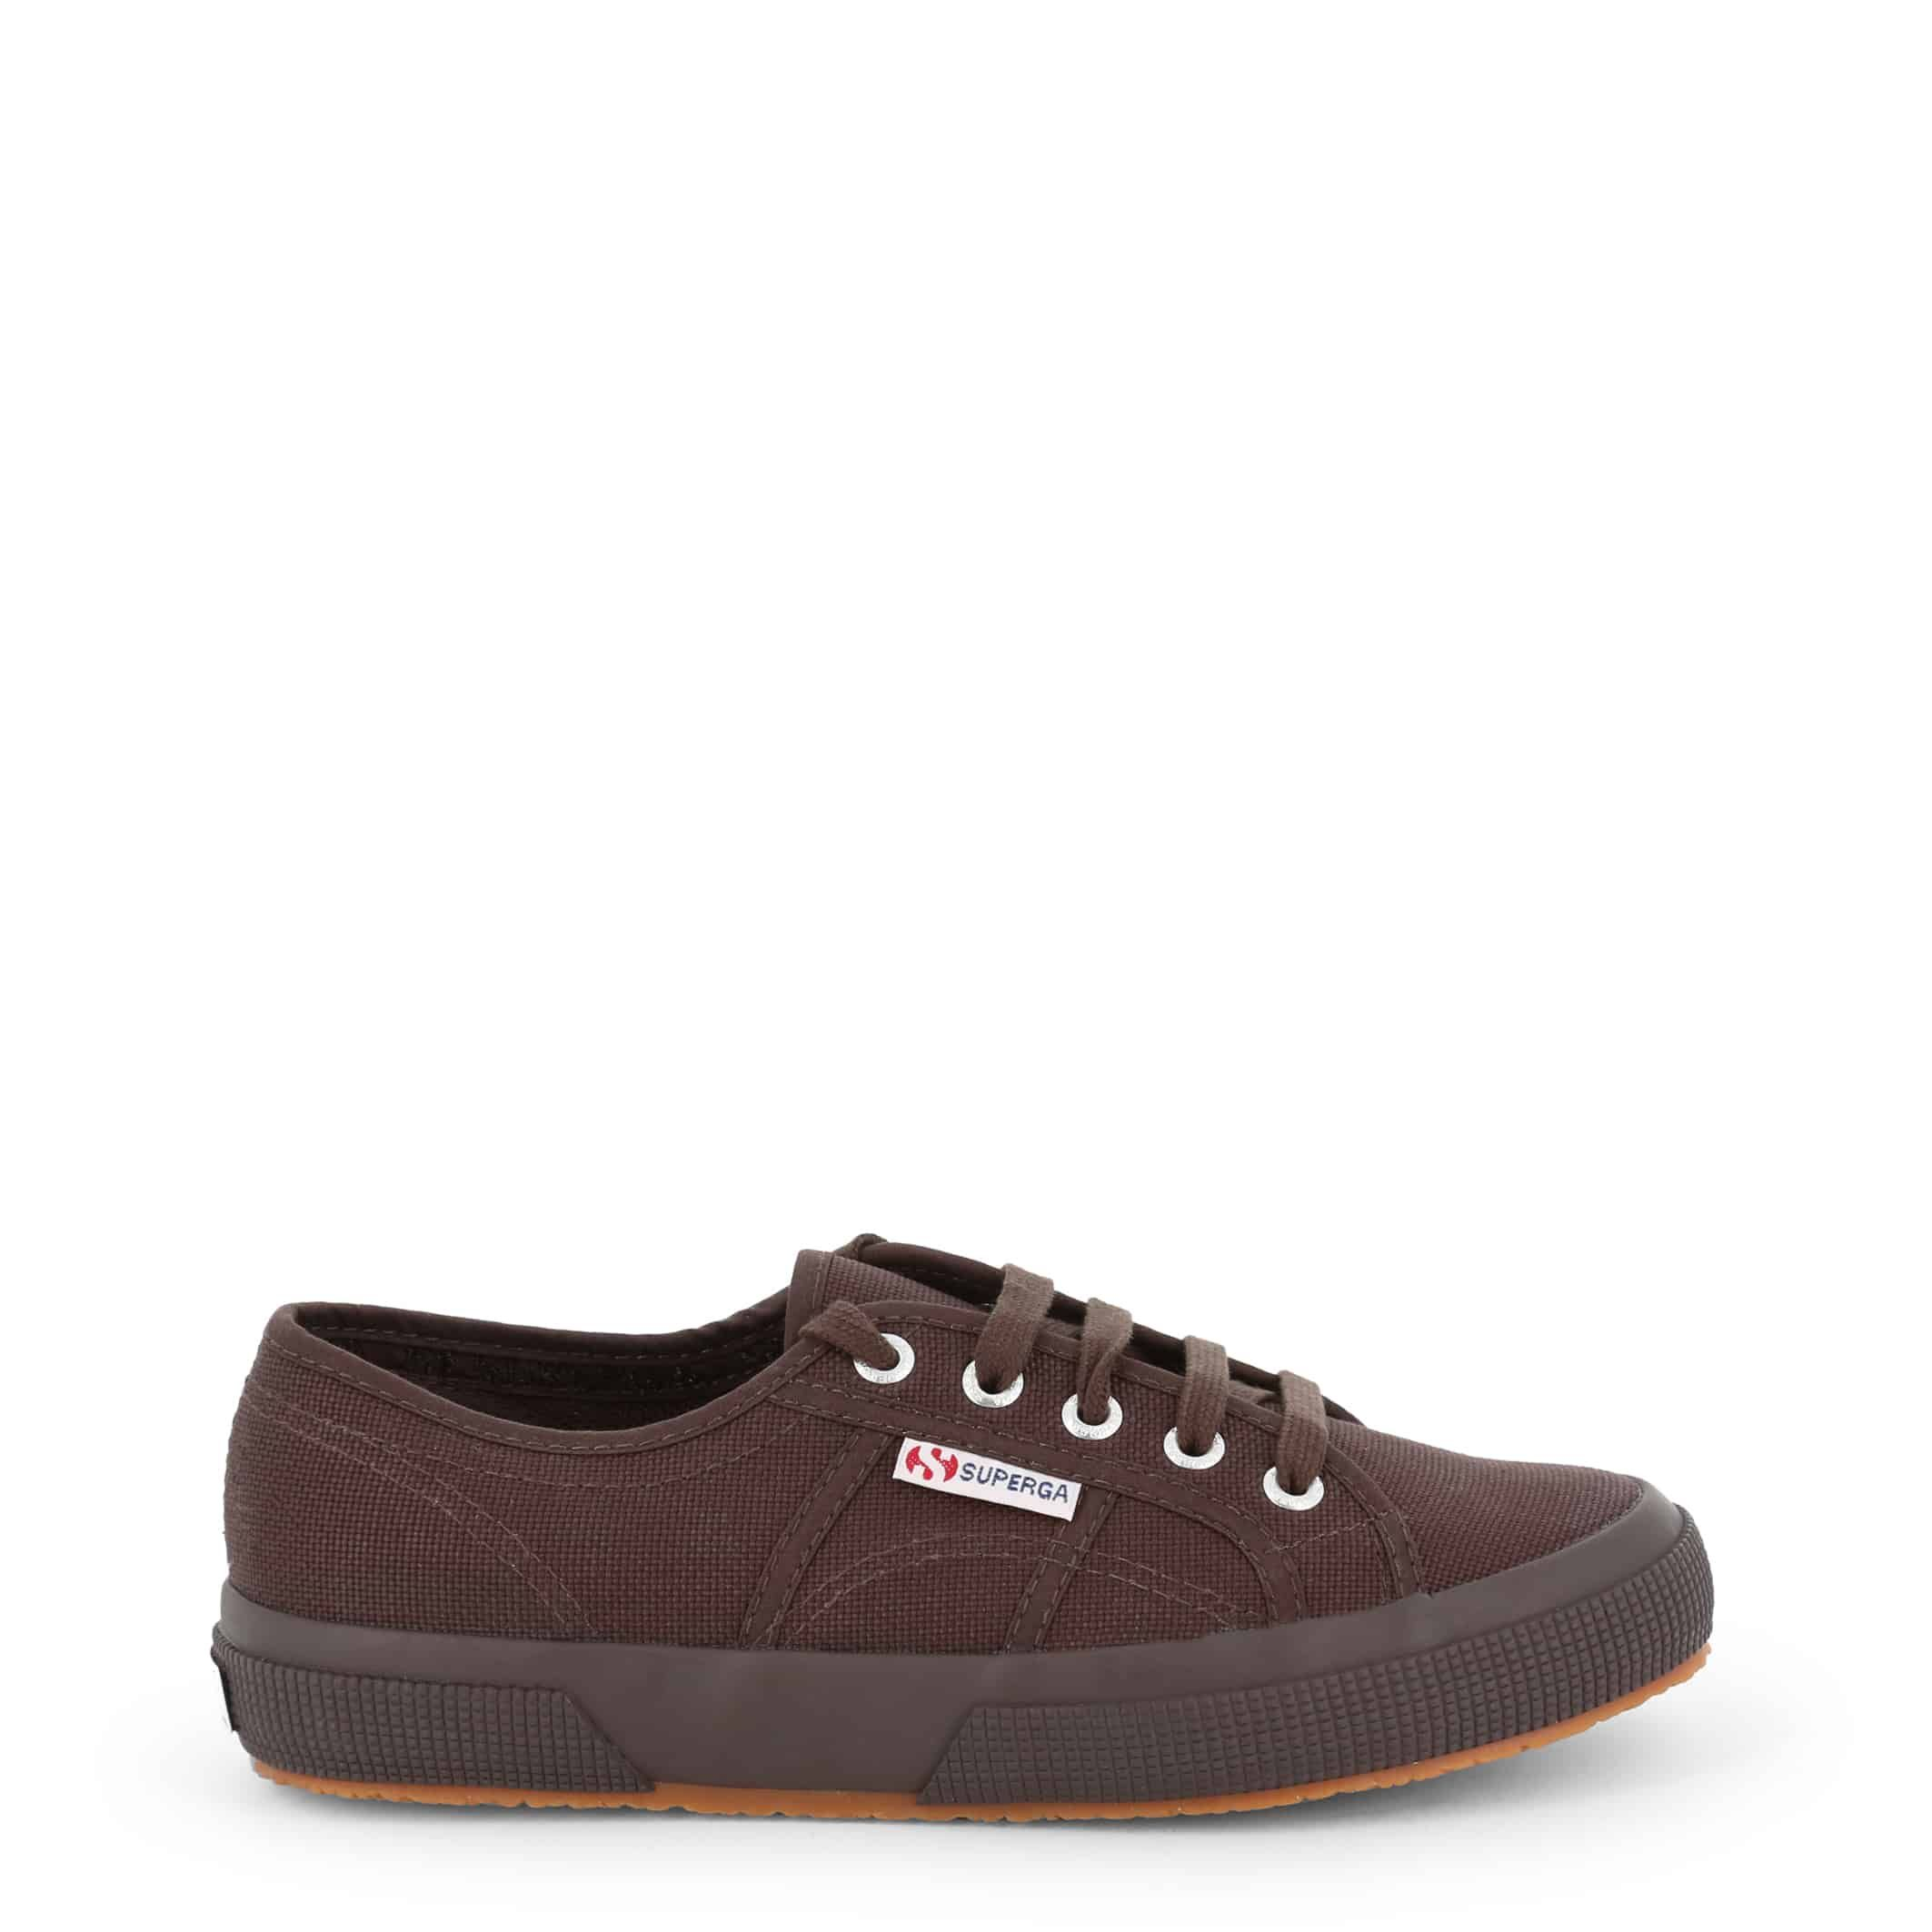 Sneakersy damskie SUPERGA 2750-COTU-CLASSIC